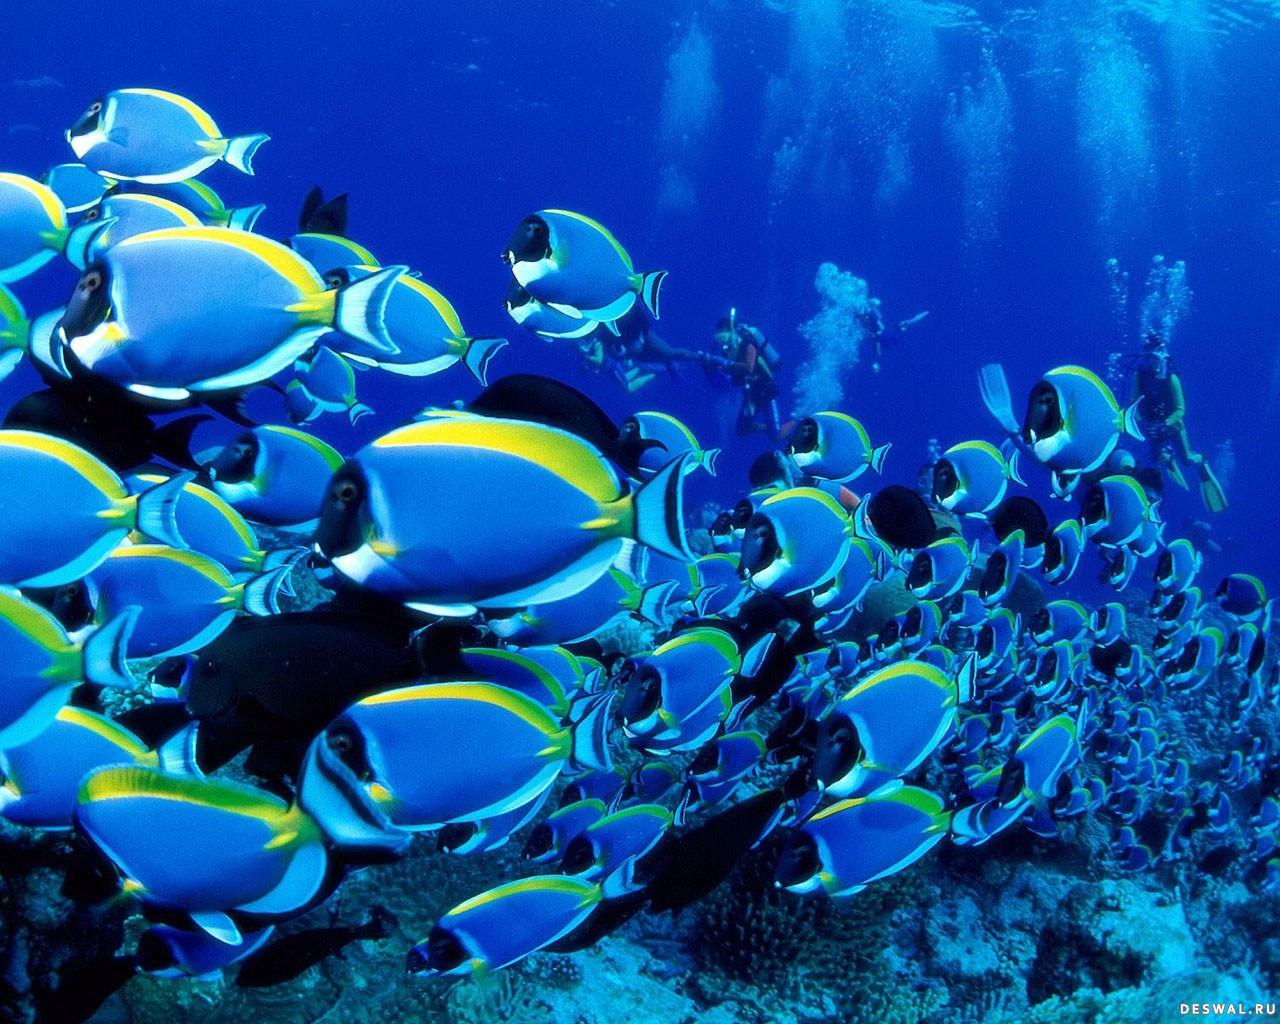 Фото 1. Нажмите на картинку с обоями подводного мира, чтобы просмотреть ее в реальном размере